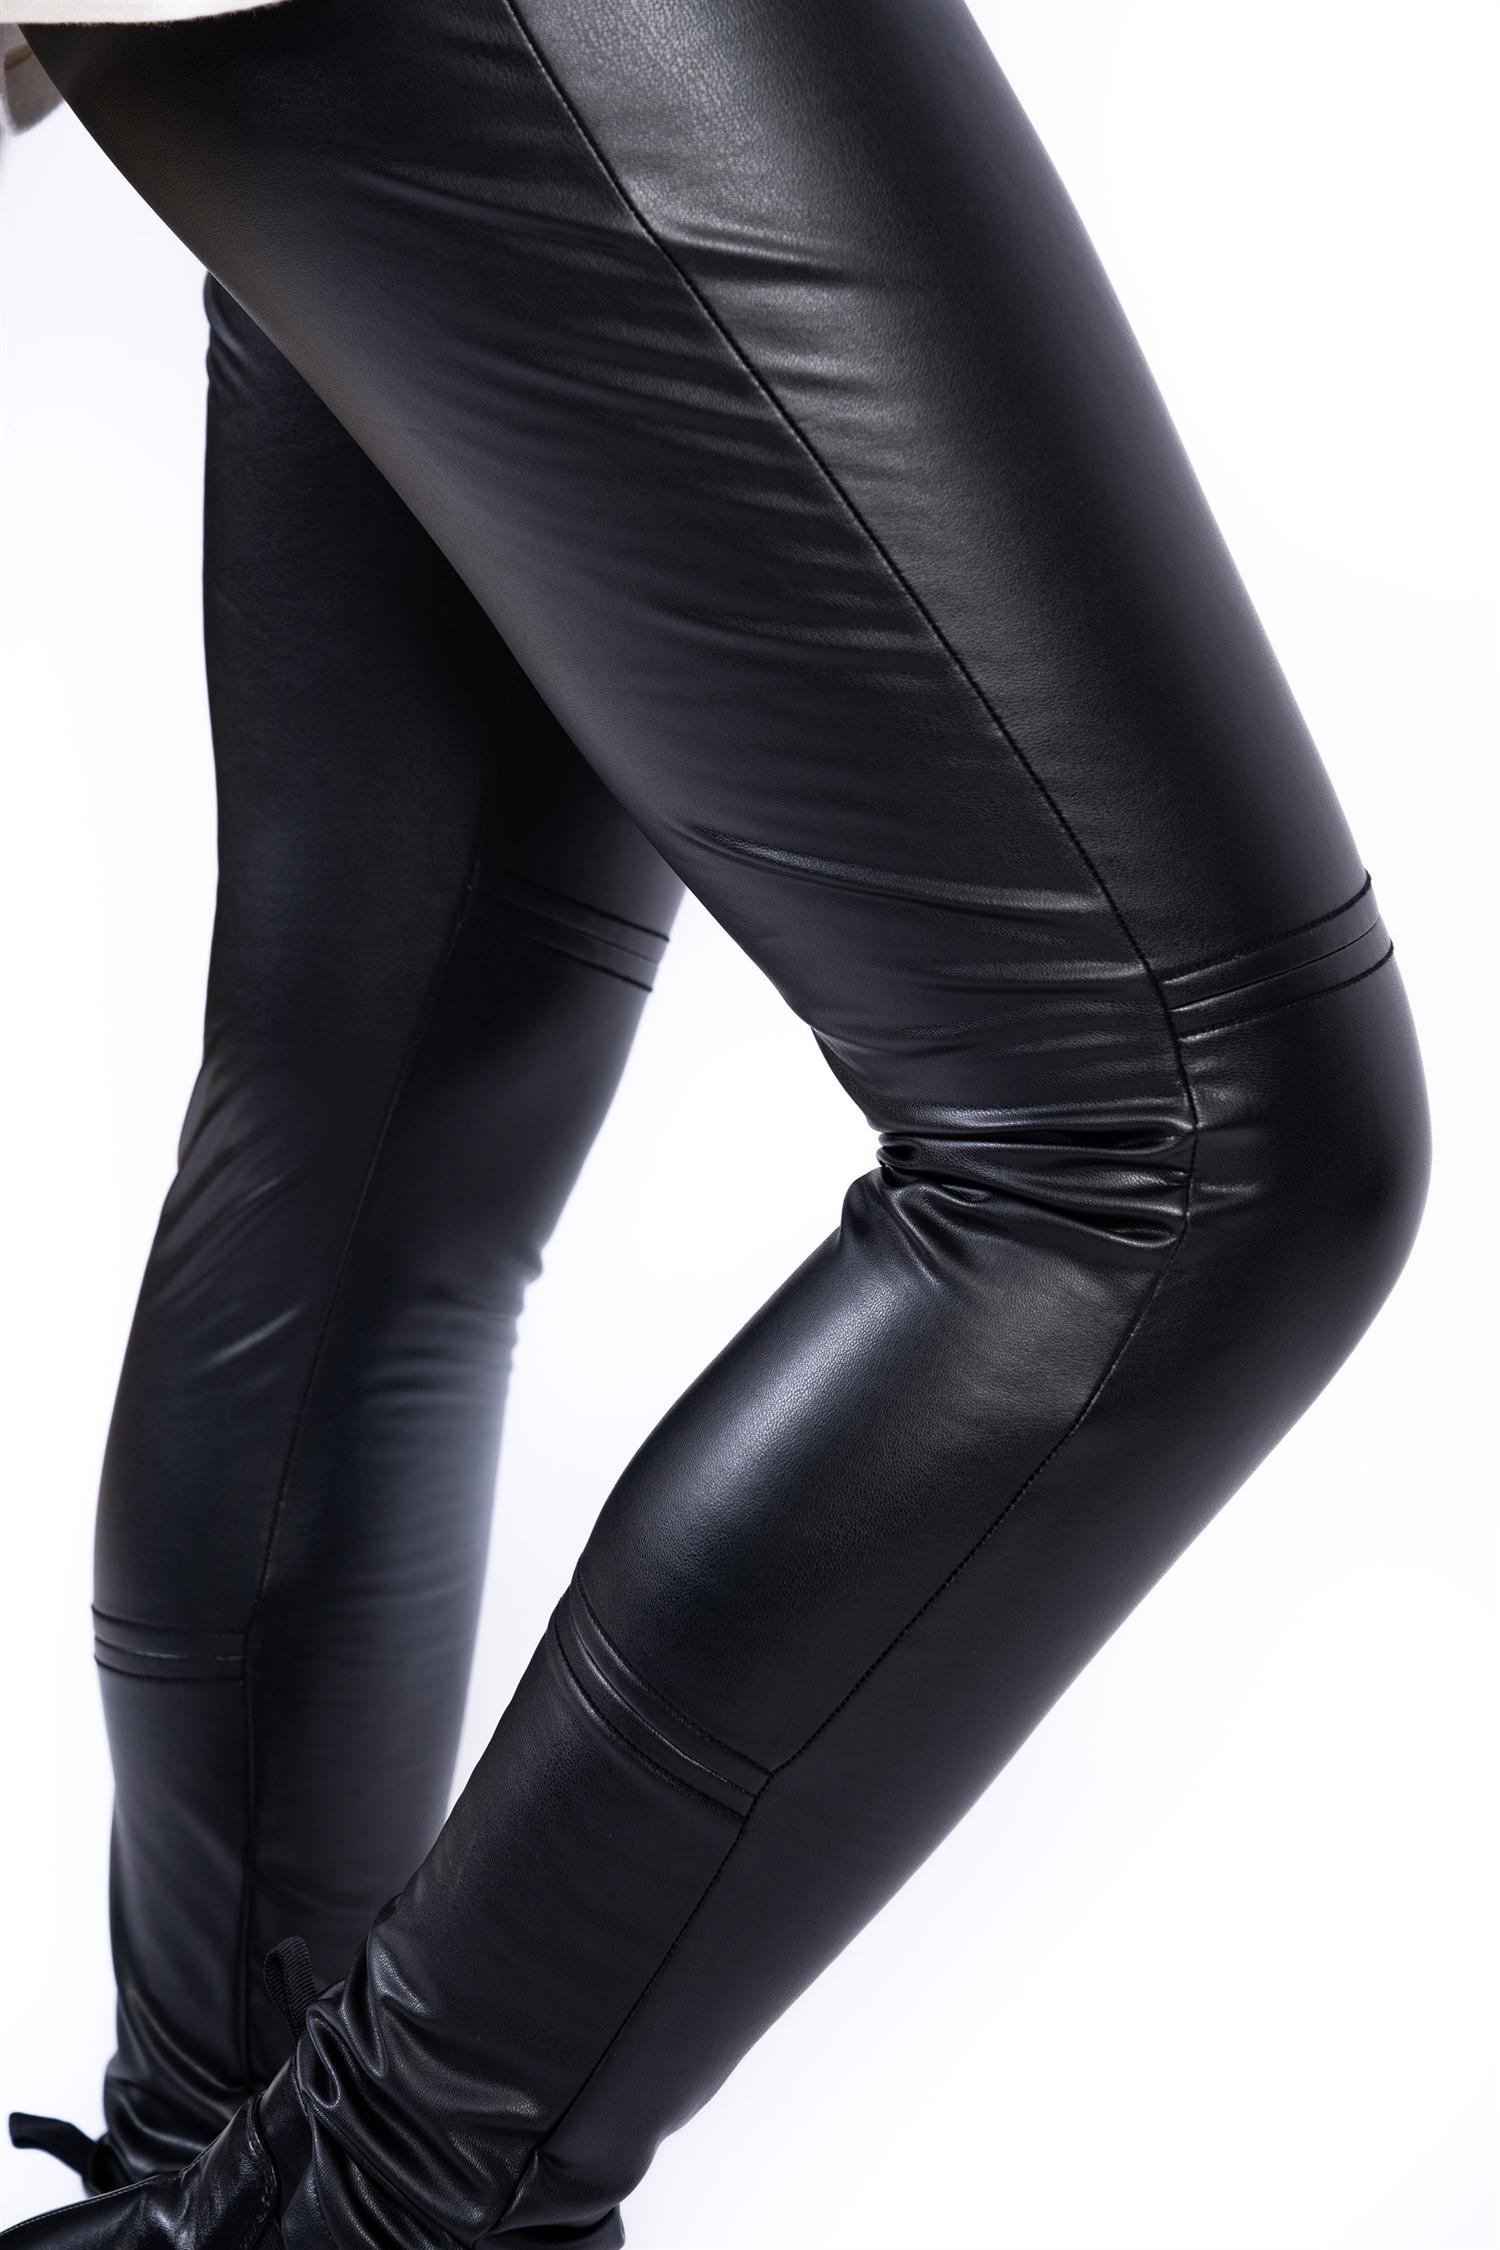 Bowie pants